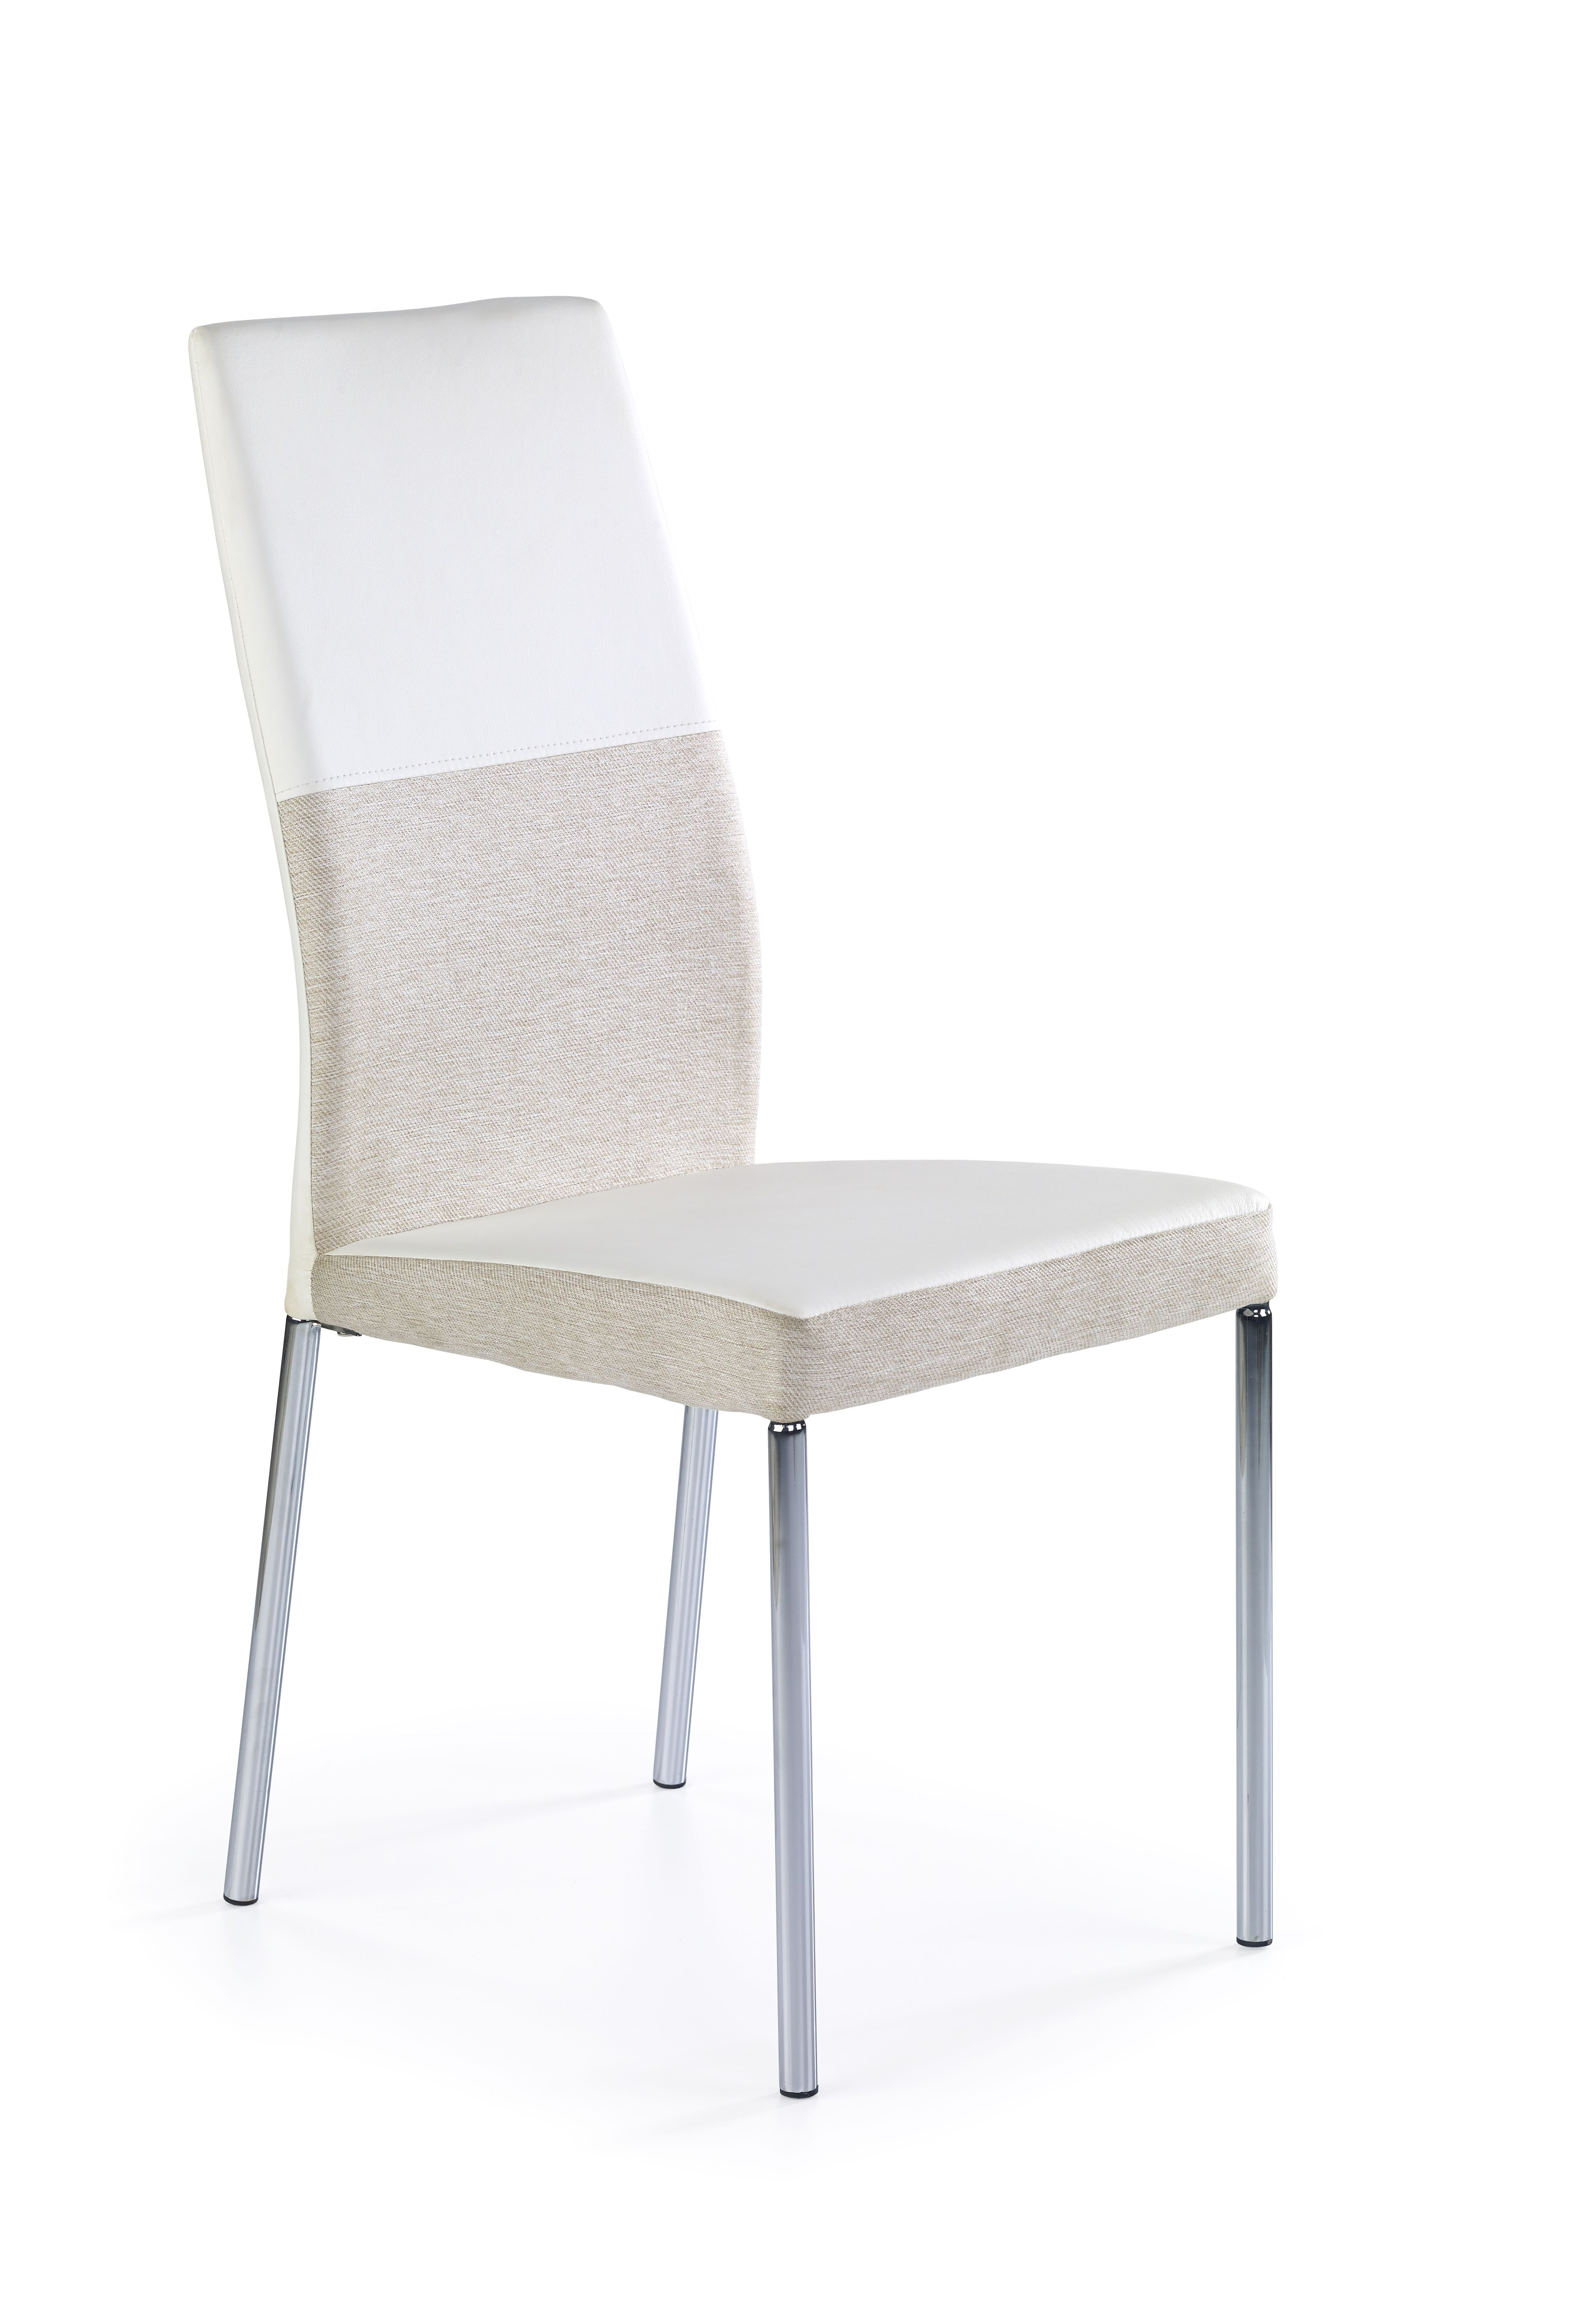 Jedálenská stolička - Halmar - K 173 béžová + biela